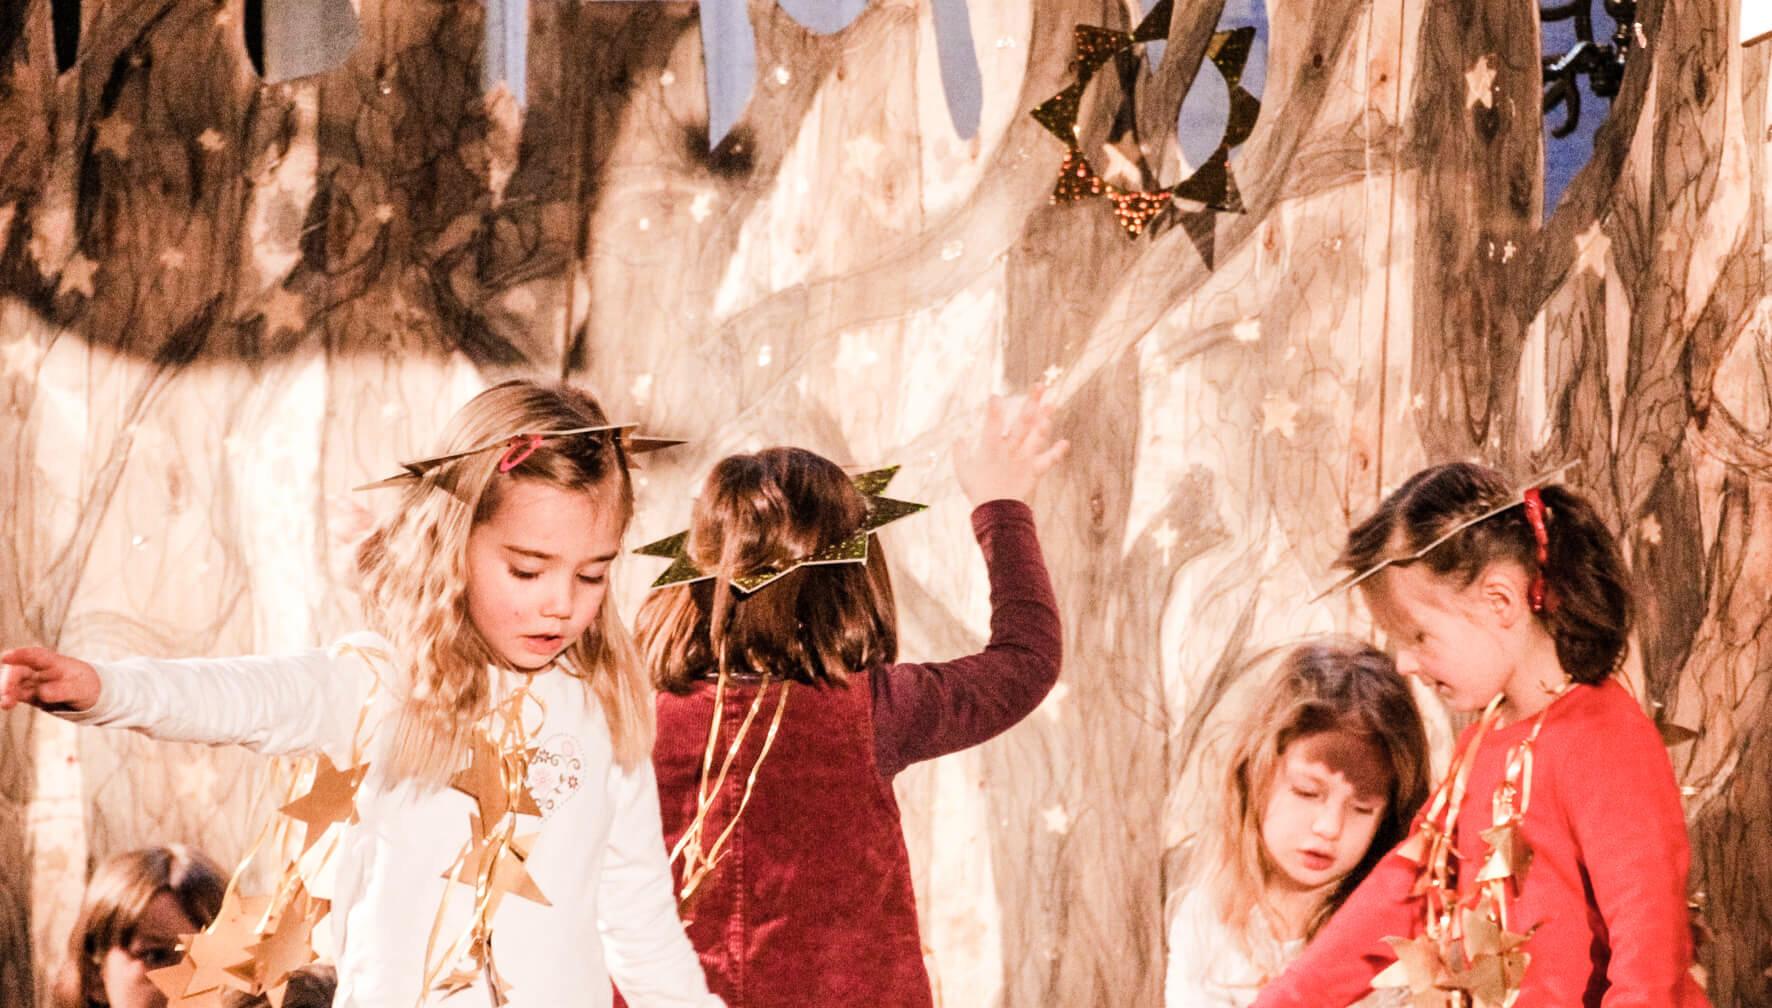 Kinder als Sterne verkleidet tanzen